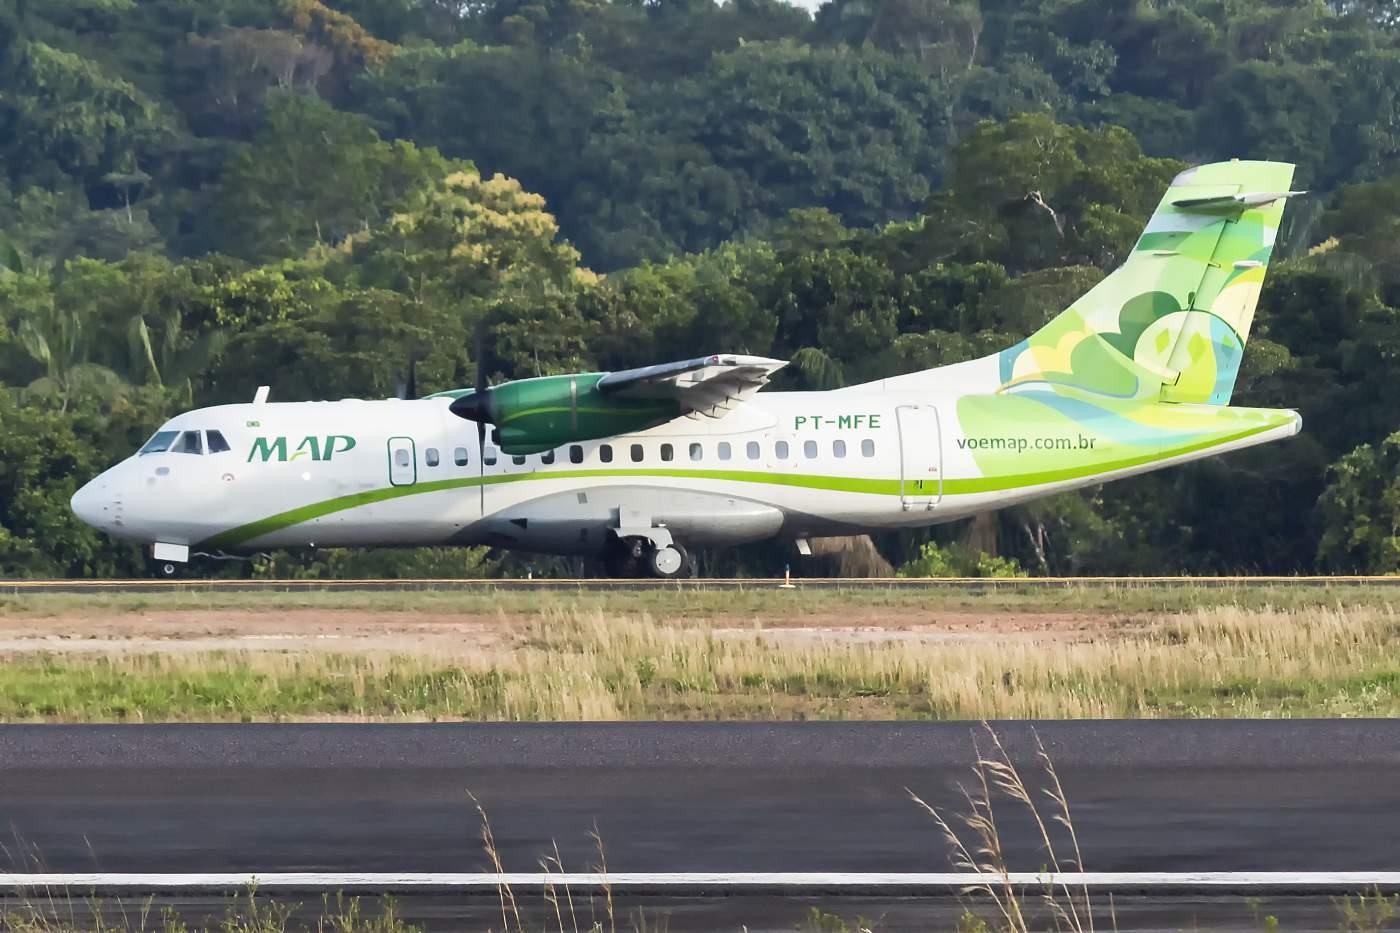 ATR 42 PT-MFE